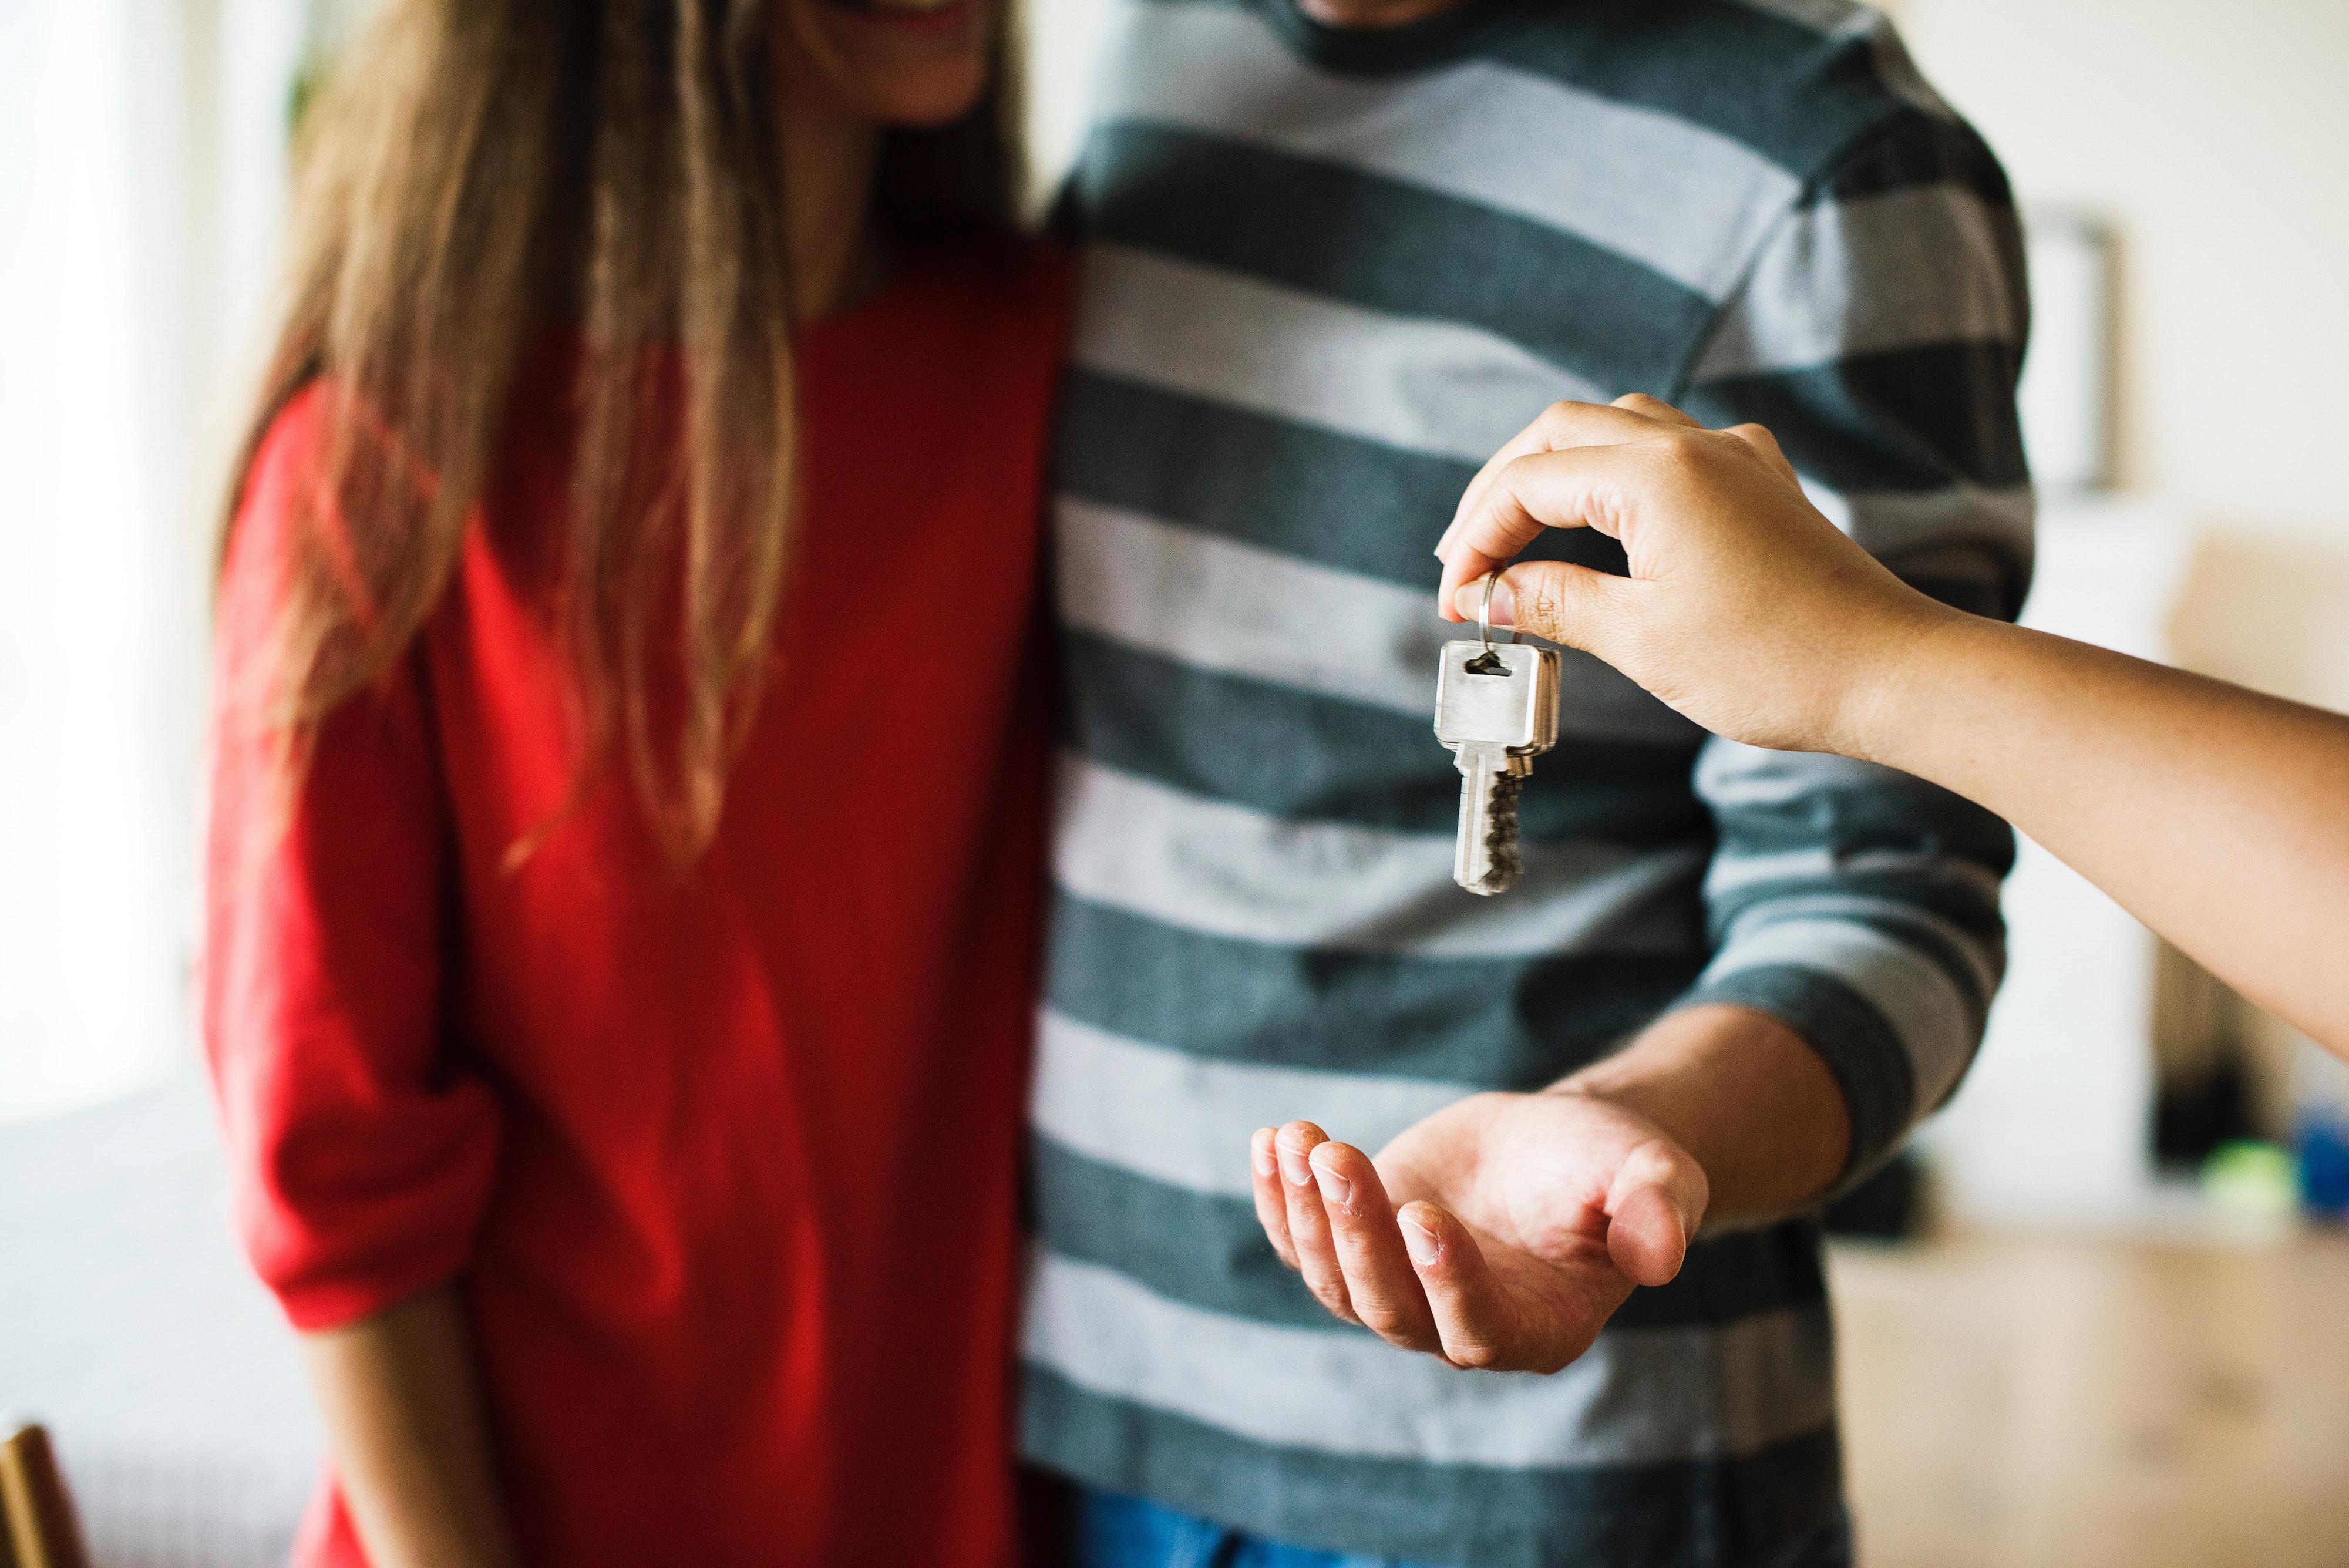 5000万円借りるなら夫婦で住宅ローンを組むのが一般的【夫婦で借りる注意点】